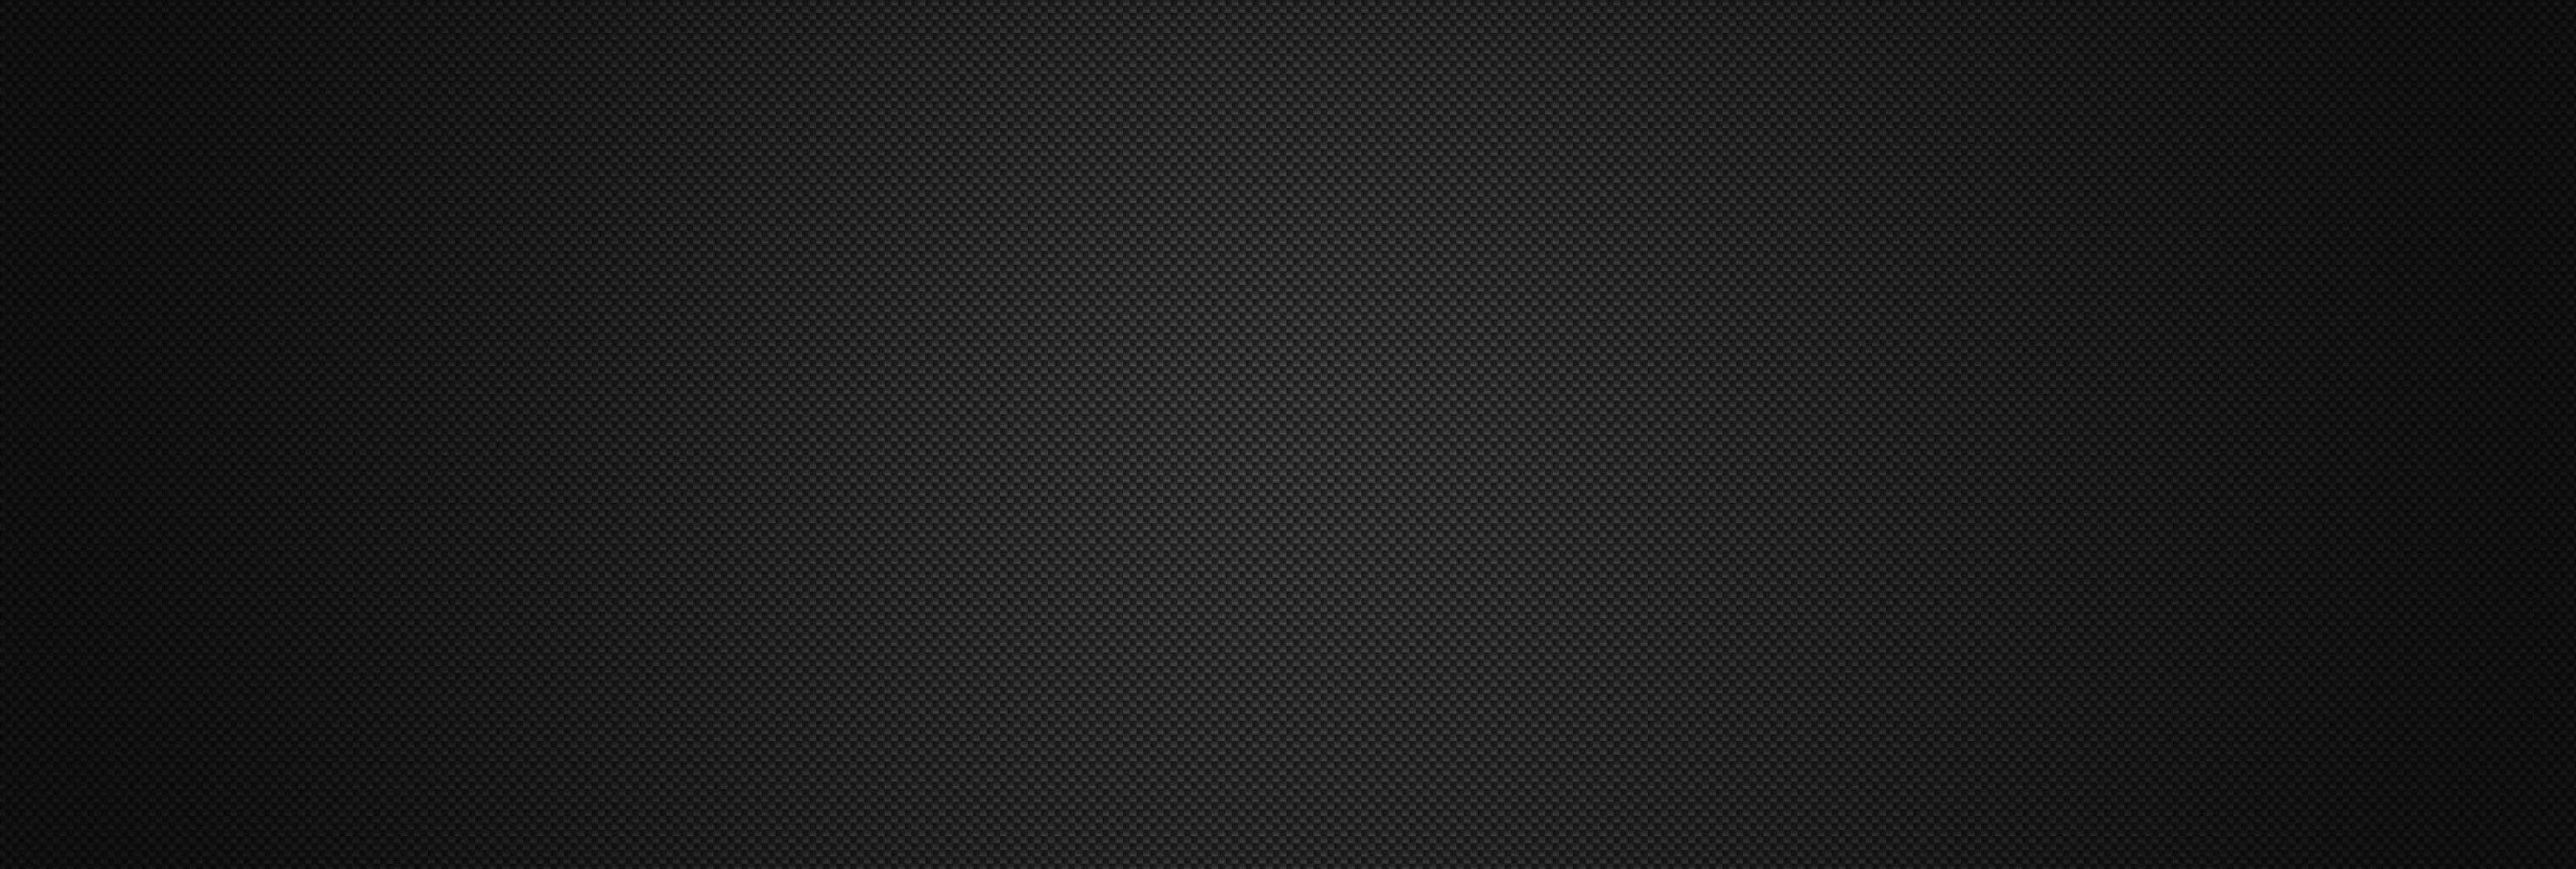 Background image header - Jpg 3200x1080 Background Header